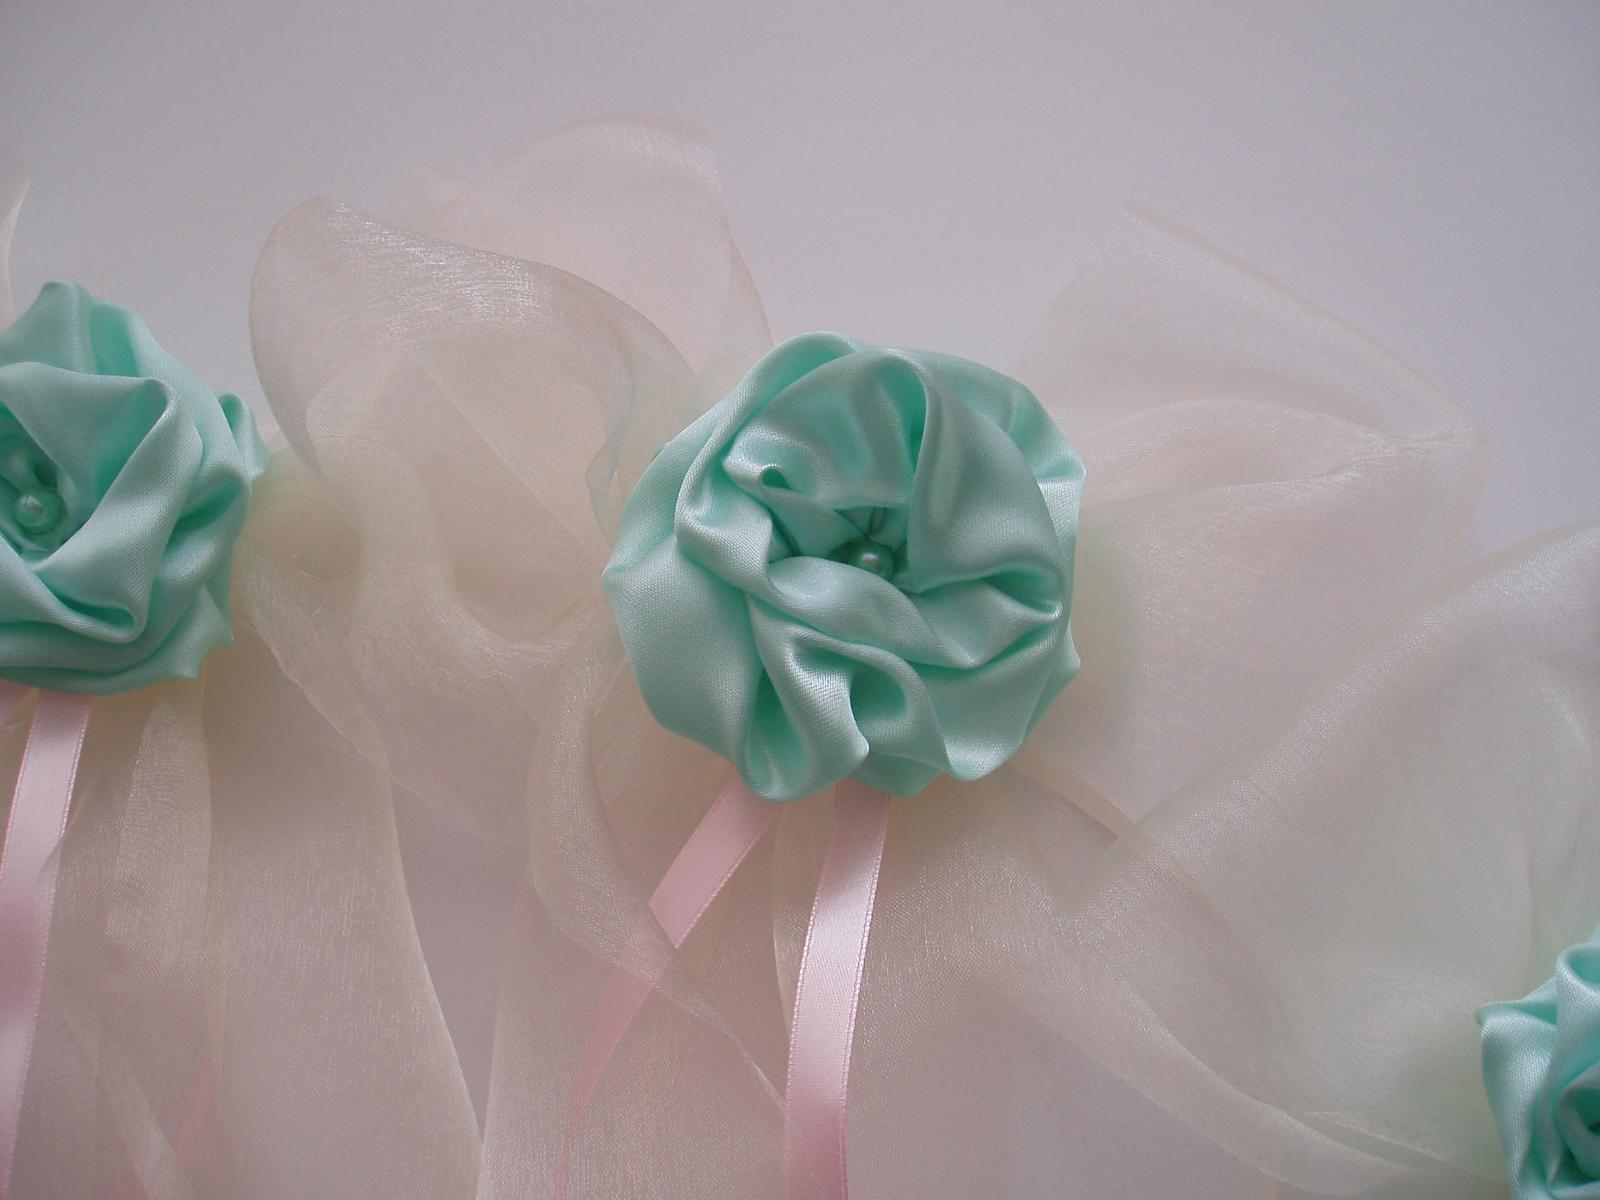 Svatební dekorace - mašle na zrcátka-mint